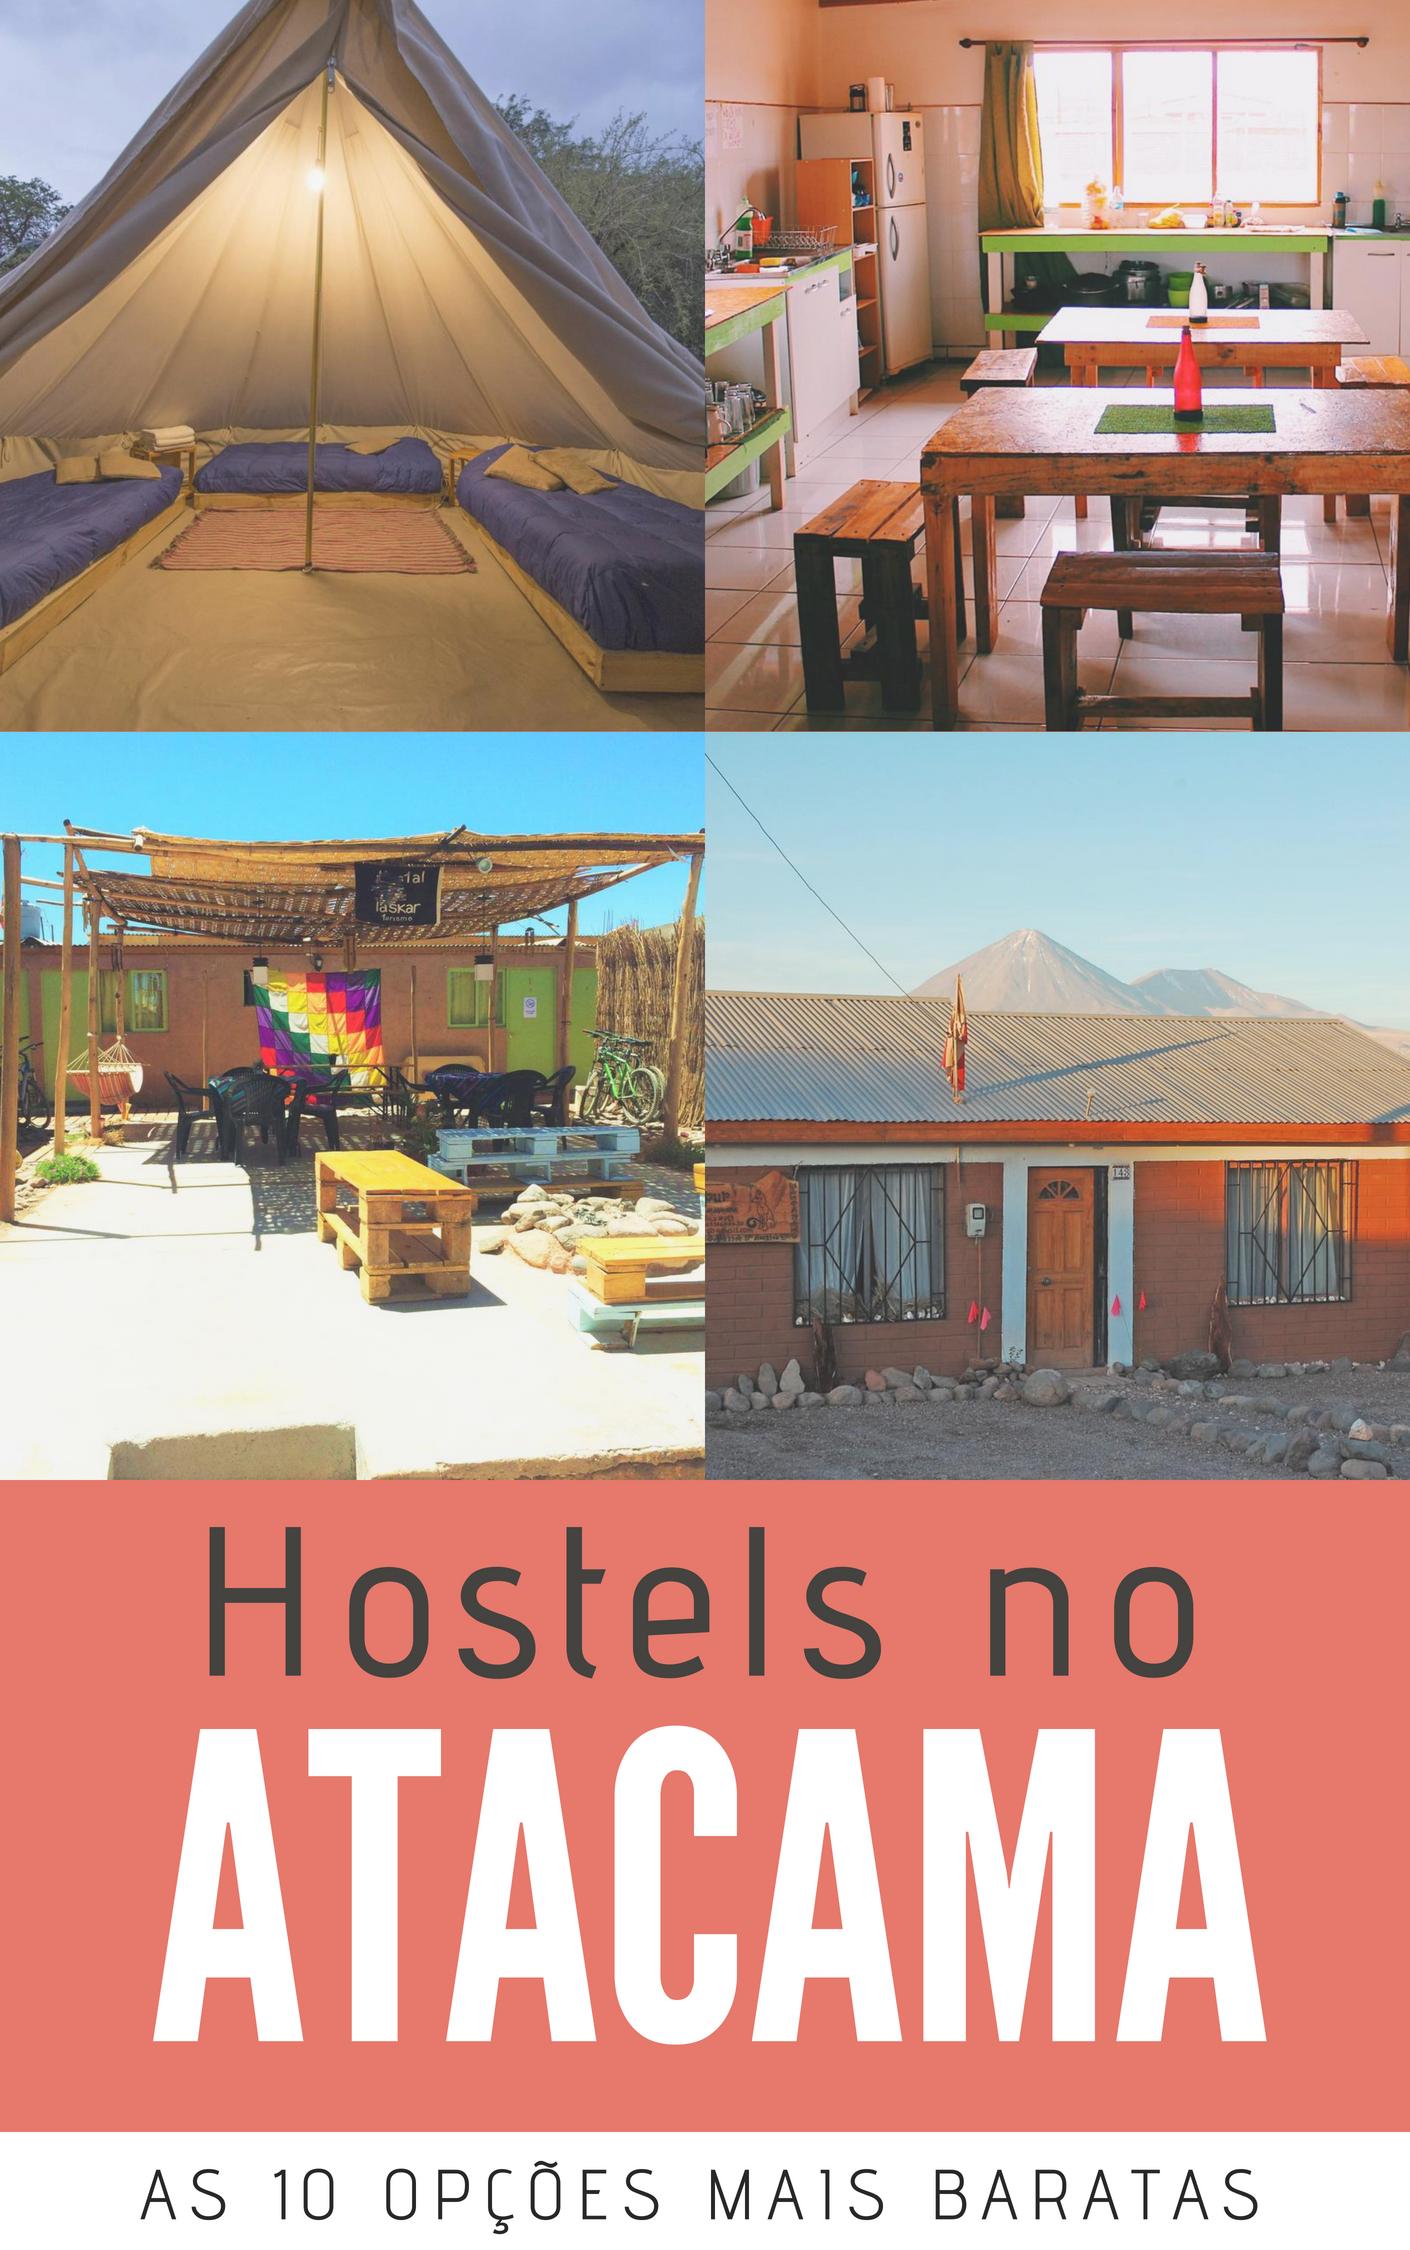 Hostels no Atacama - Veja os 10 hostels mais baratos em San Pedro do Atacama, no Norte do Chile, além de dicas para escolher a melhor hospedagem no deserto